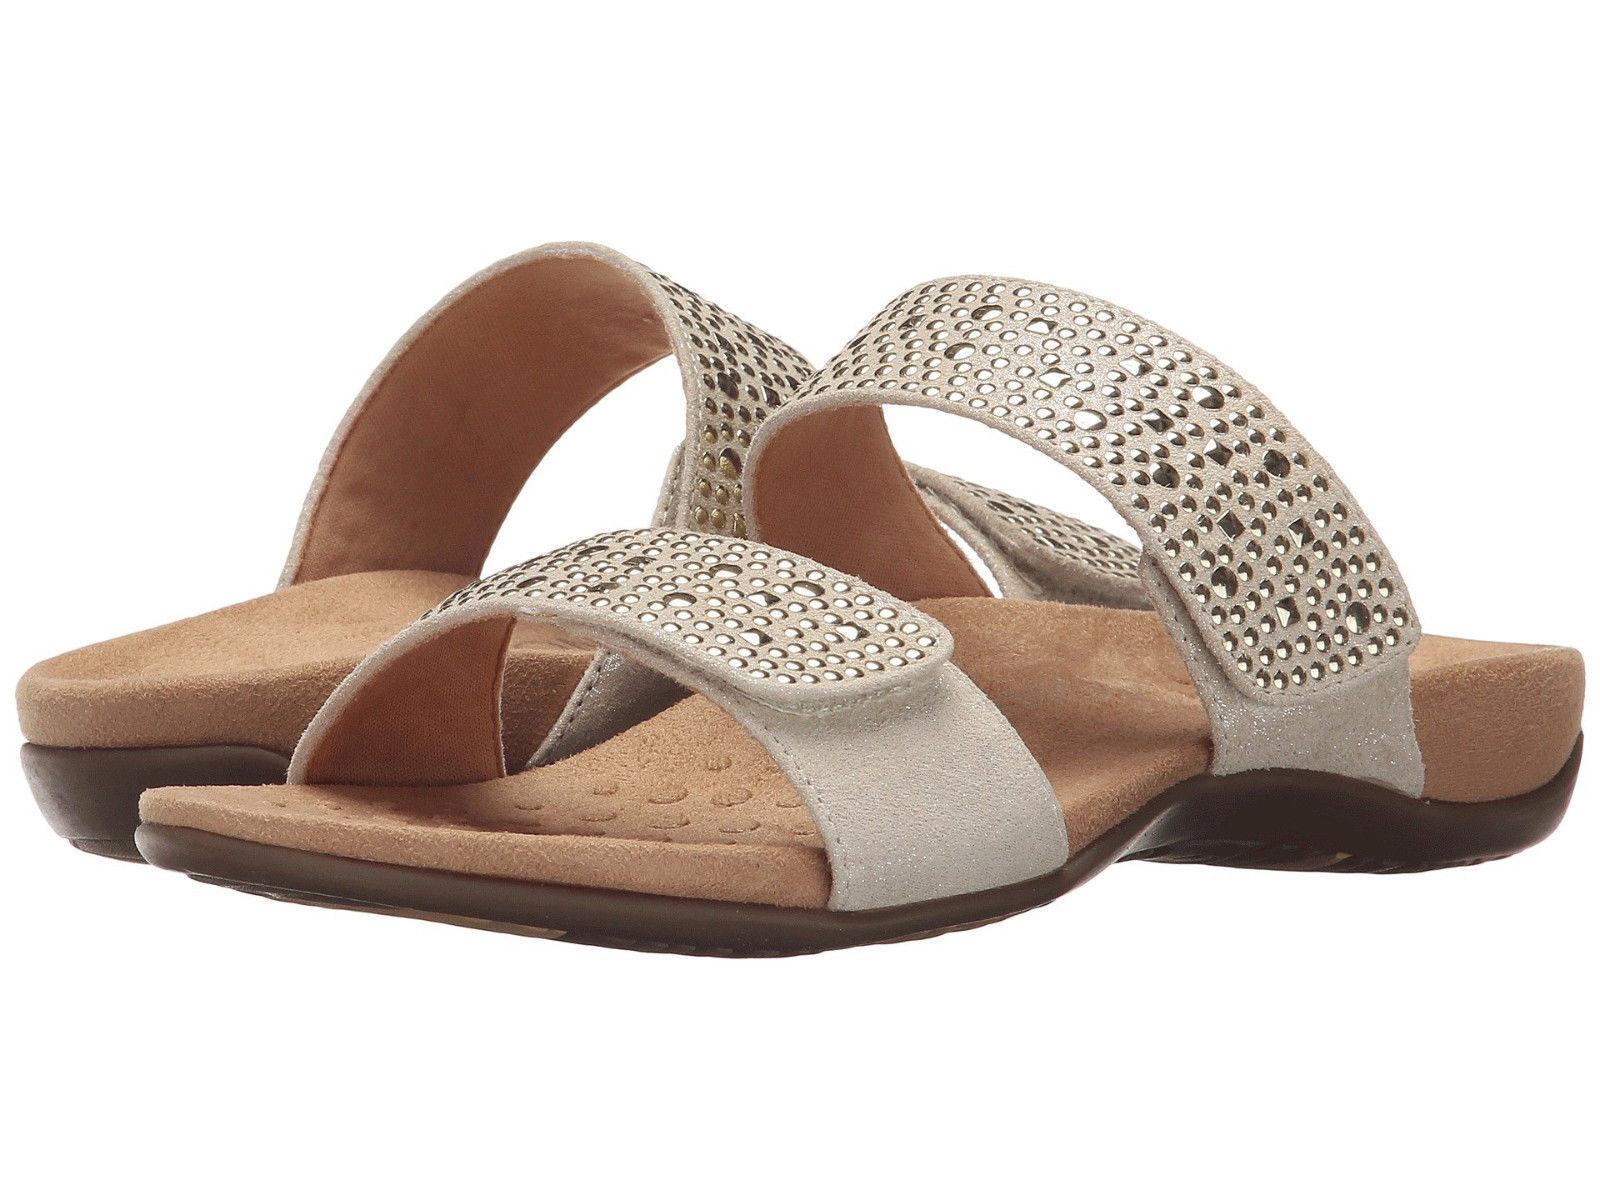 Women Vionic Vionic Vionic Samoa Orthaheel Slide Sandal 341SAMOA gold 100% Original Brand New b9760a